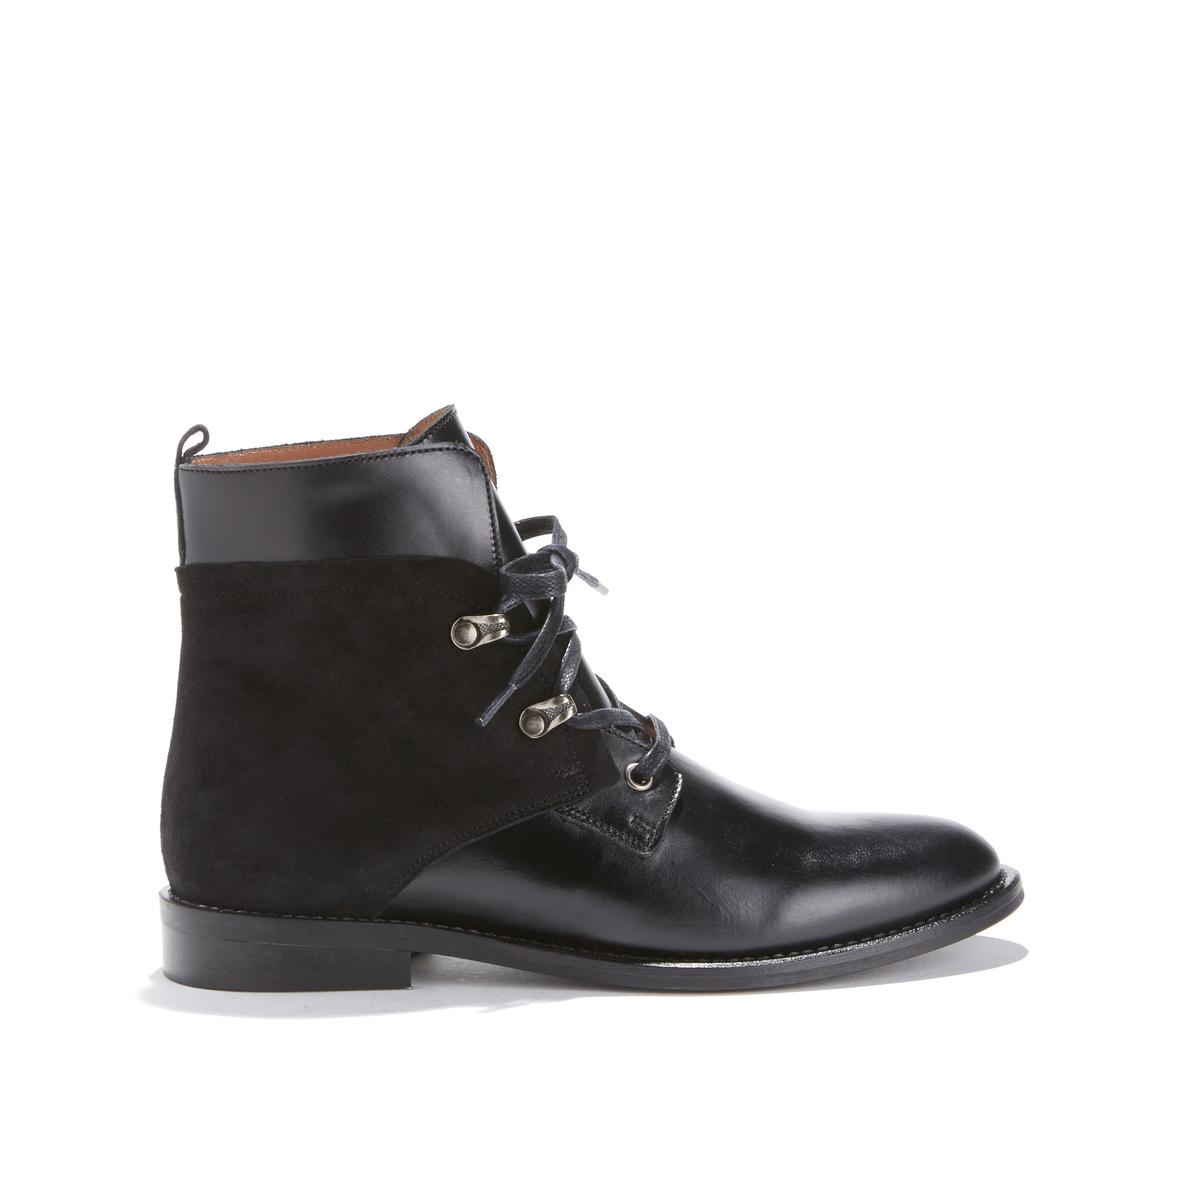 Ботильоны в мужском стиле на шнуровке DANIFA BIS